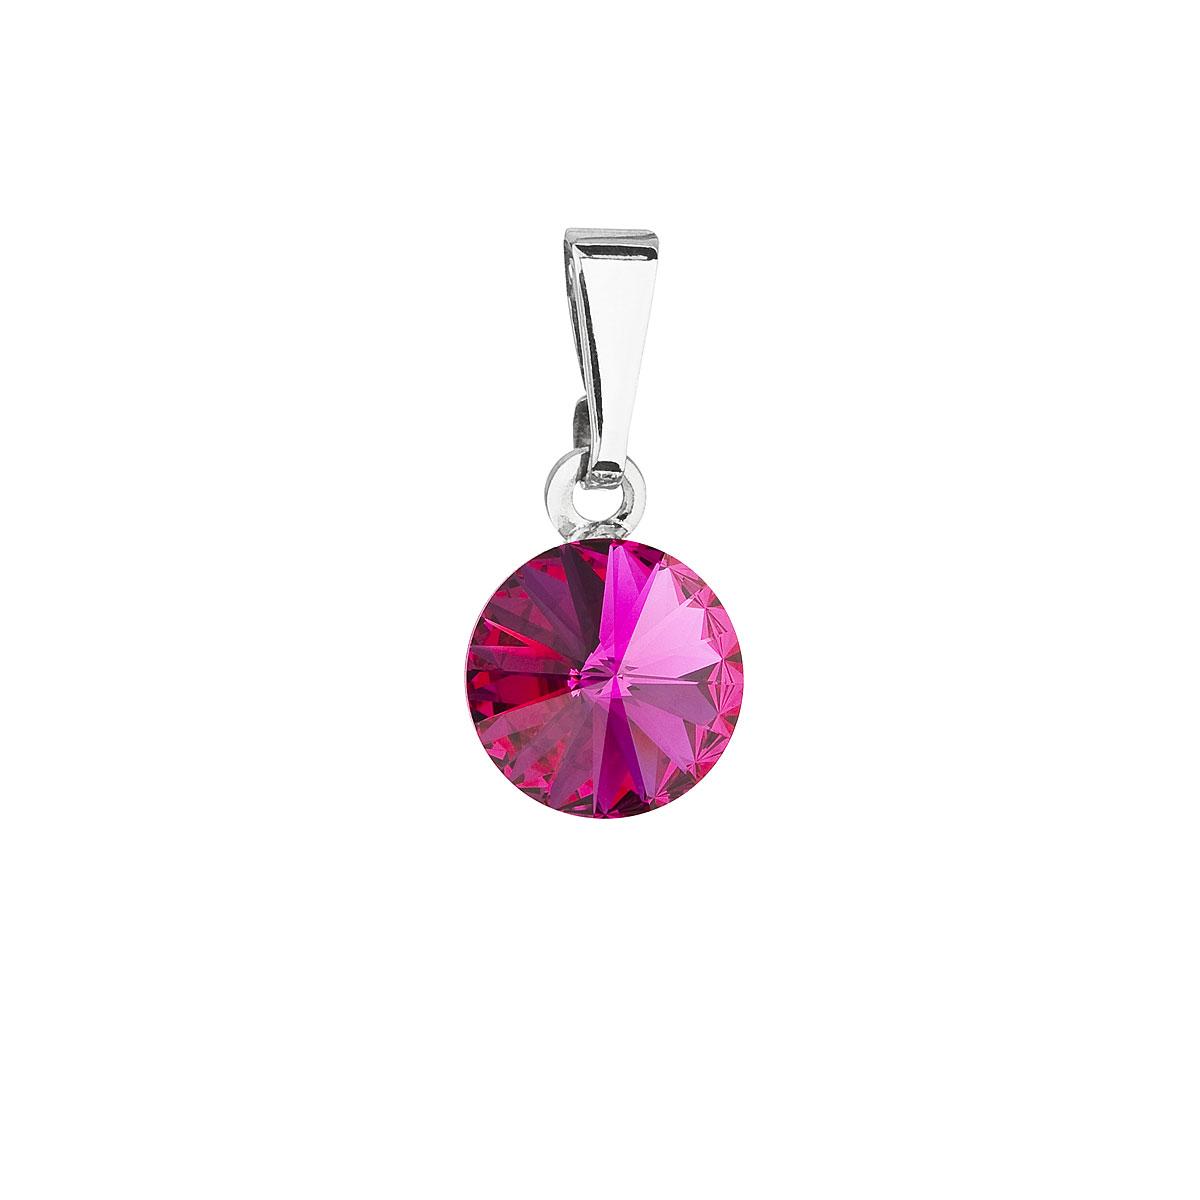 Evolution Group Přívěsek se Swarovski krystaly růžový kulatý 54018.3 fuchsia